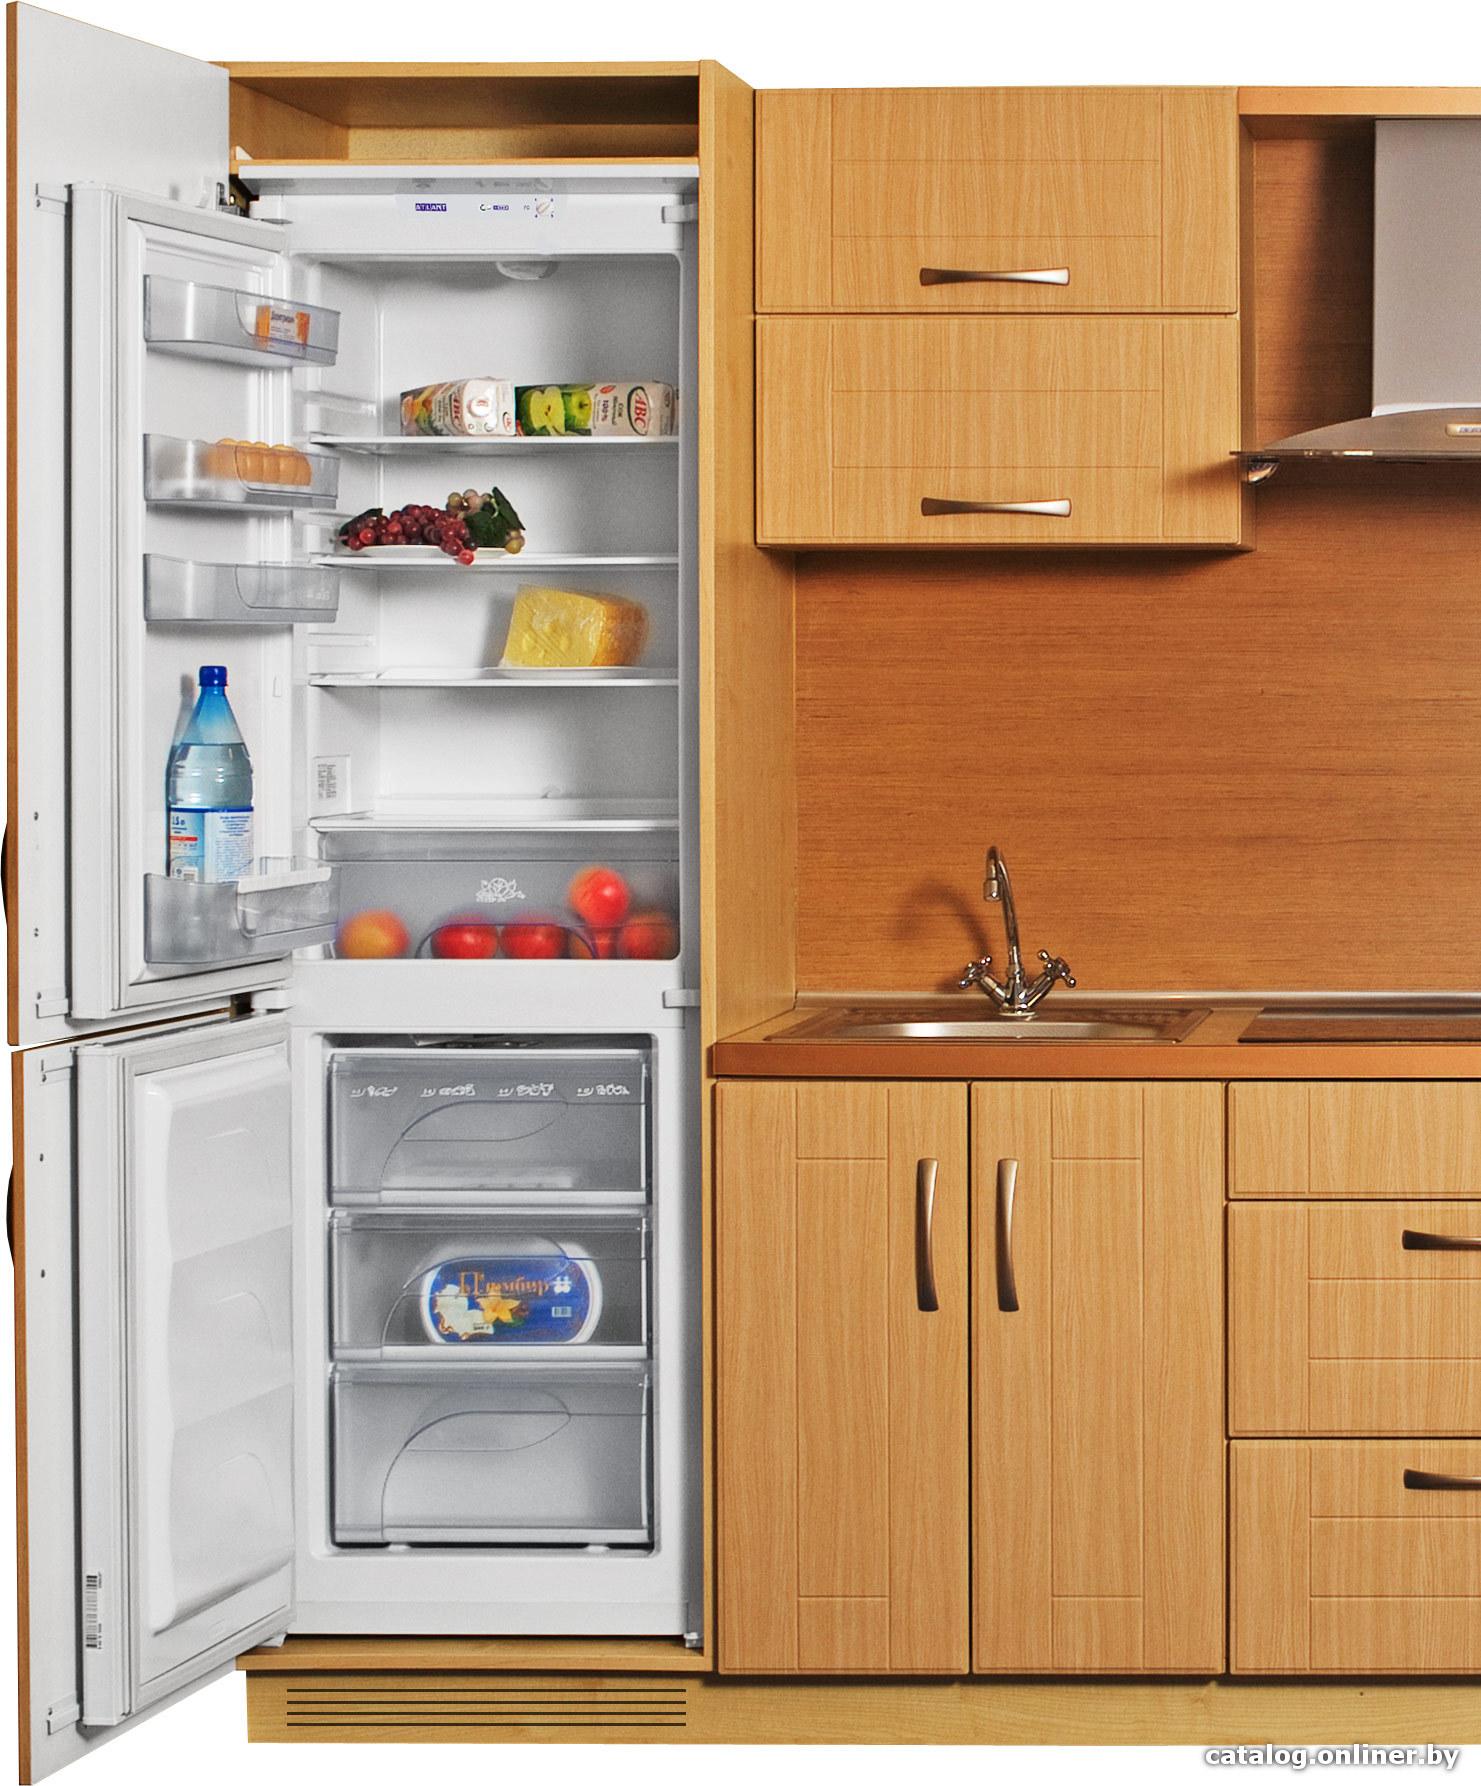 Встраиваемый холодильник атлант 4307 000 схема встраивания фото 933